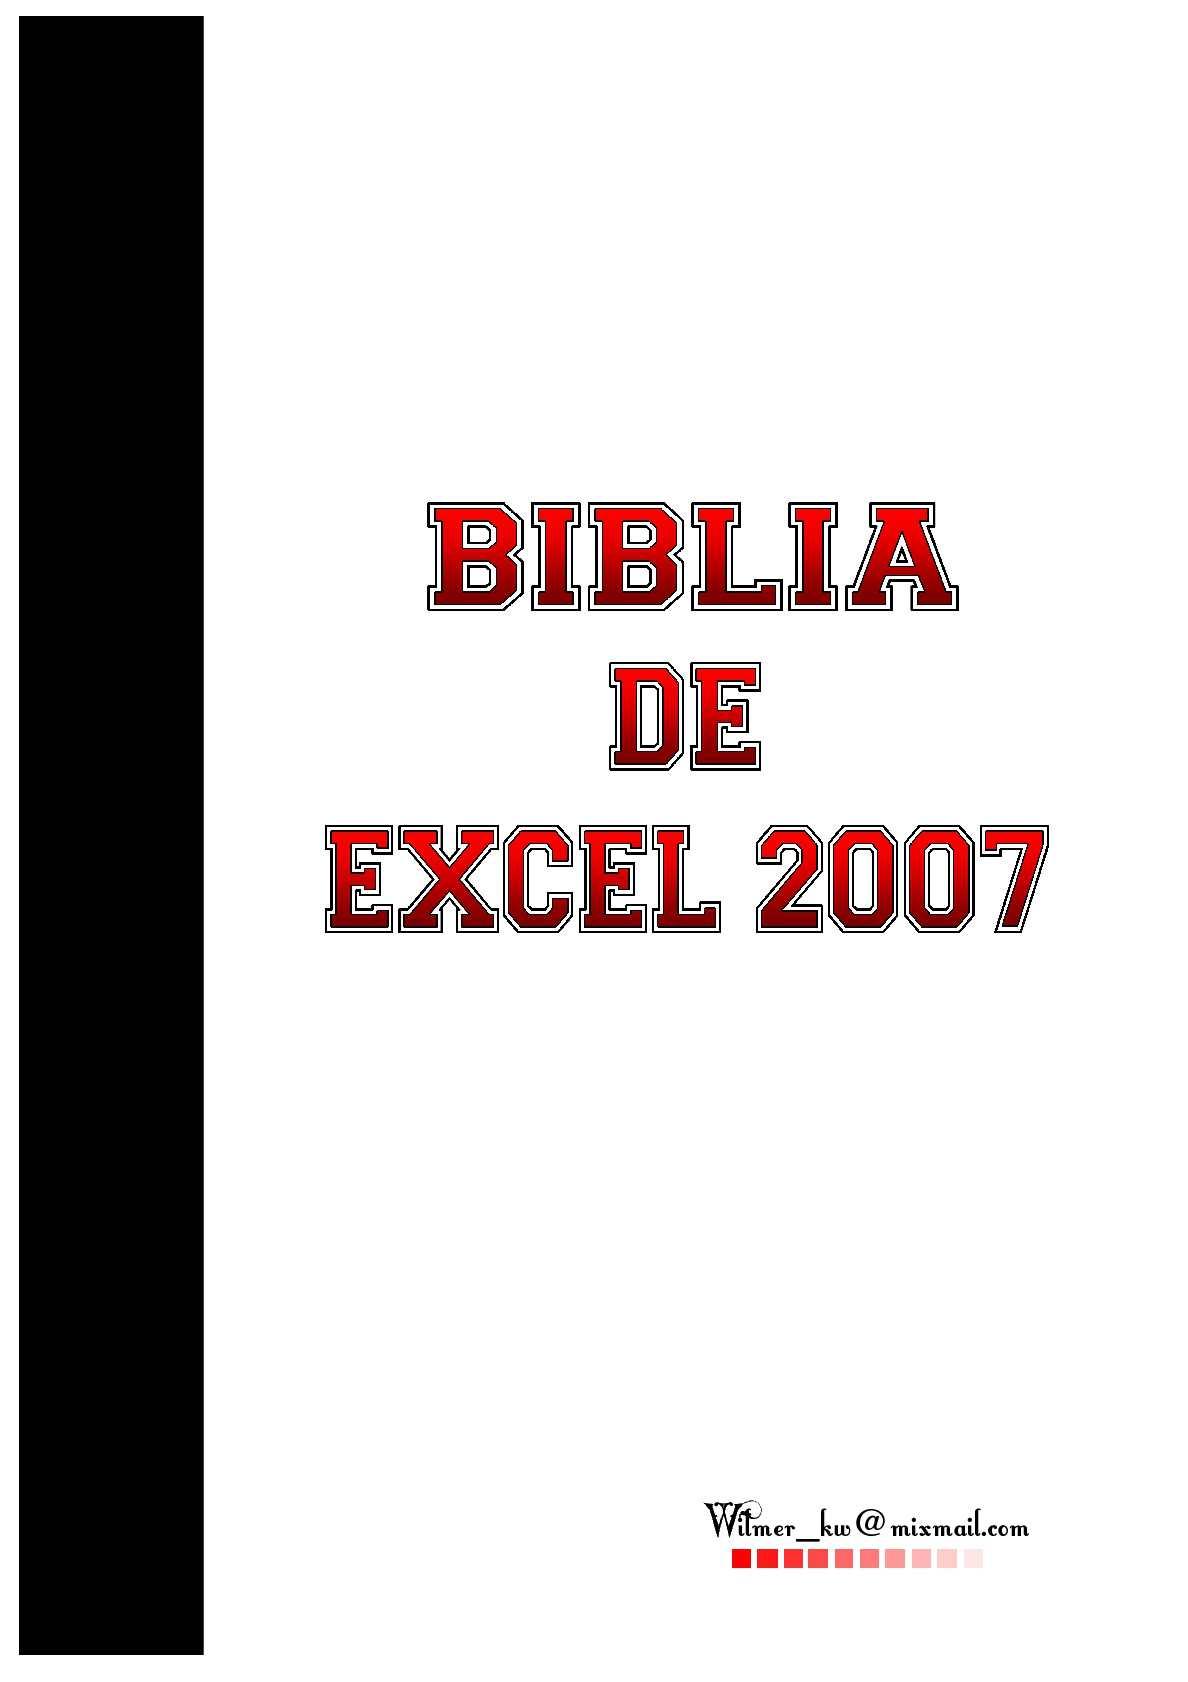 La Biblia de Excel 2007